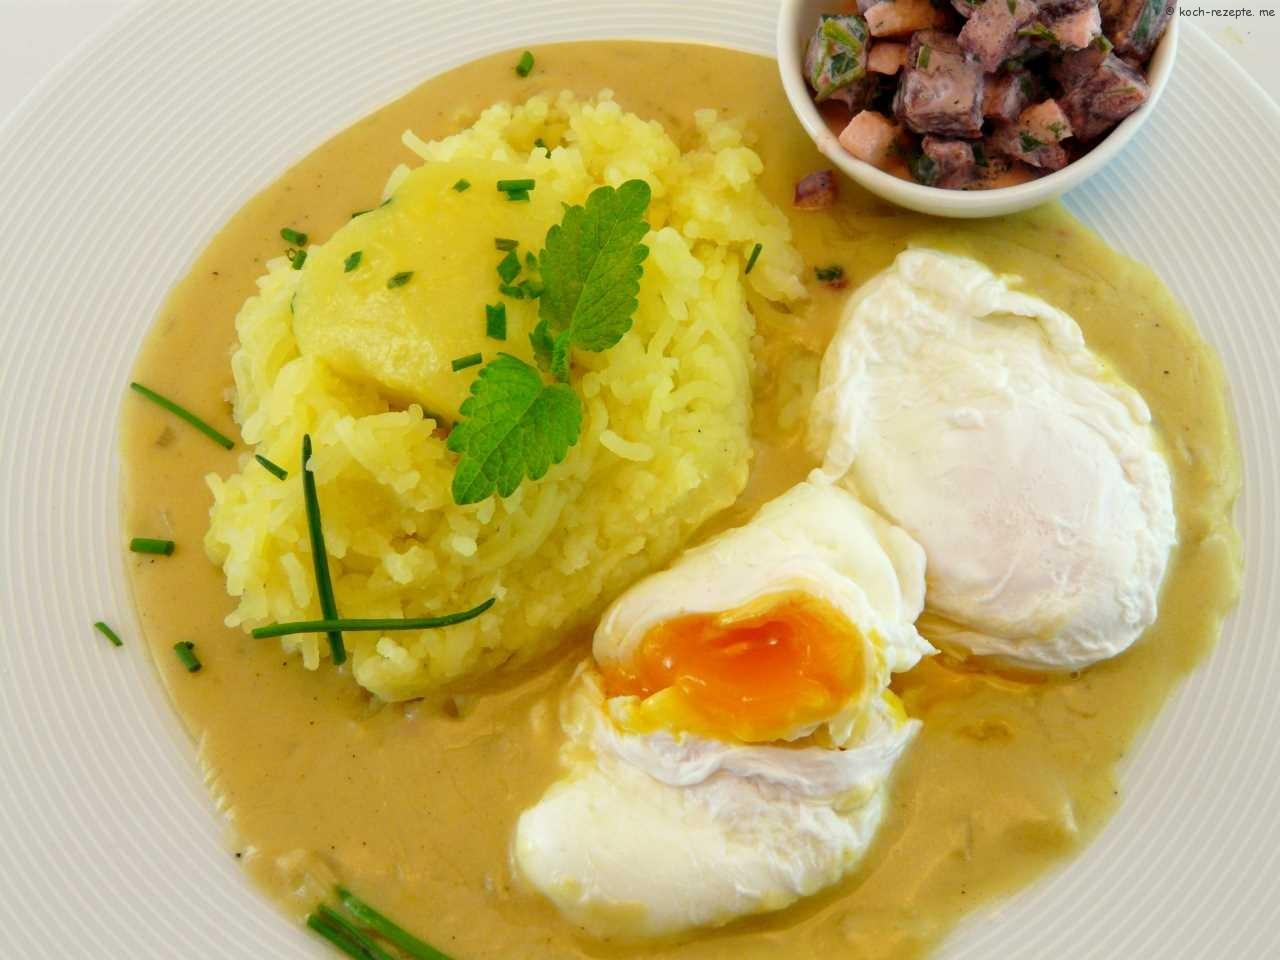 senfsauce mit eier pochiert kartoffeln eier in senfsauce. Black Bedroom Furniture Sets. Home Design Ideas